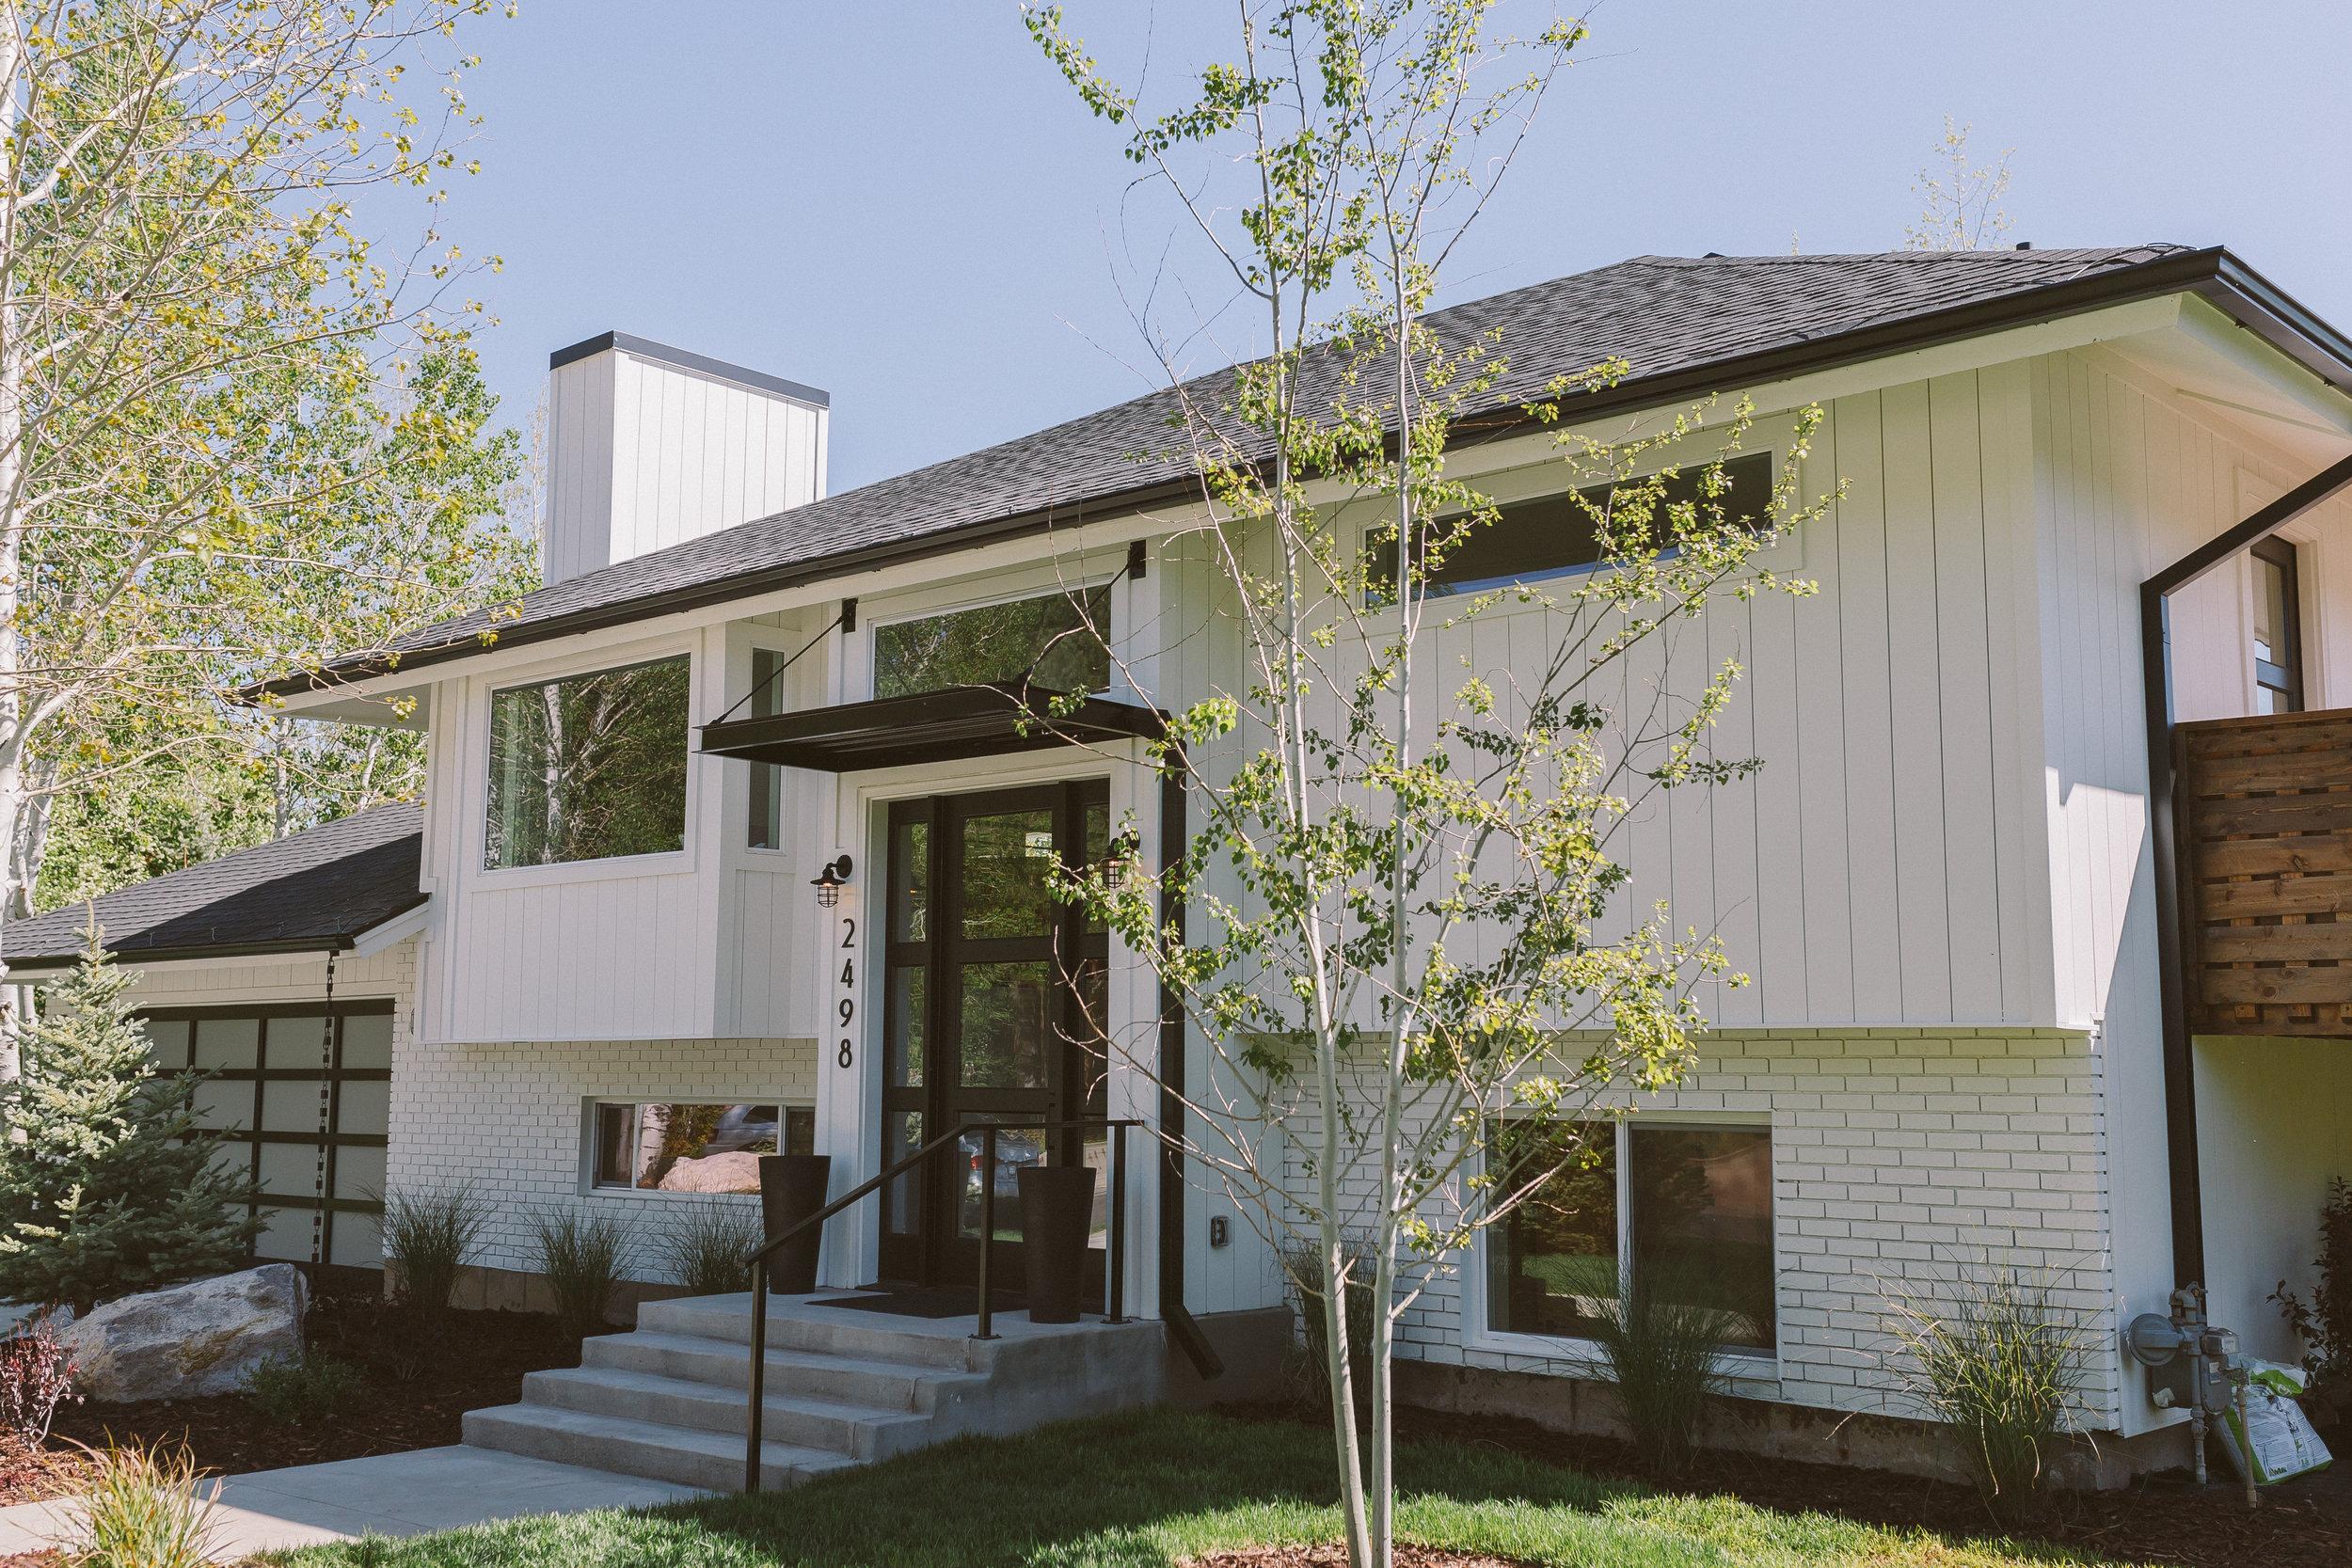 LITTLE KATE HOUSE - $1,425,000SOLD2498 Little Kate Road, Park City, Utah 84060